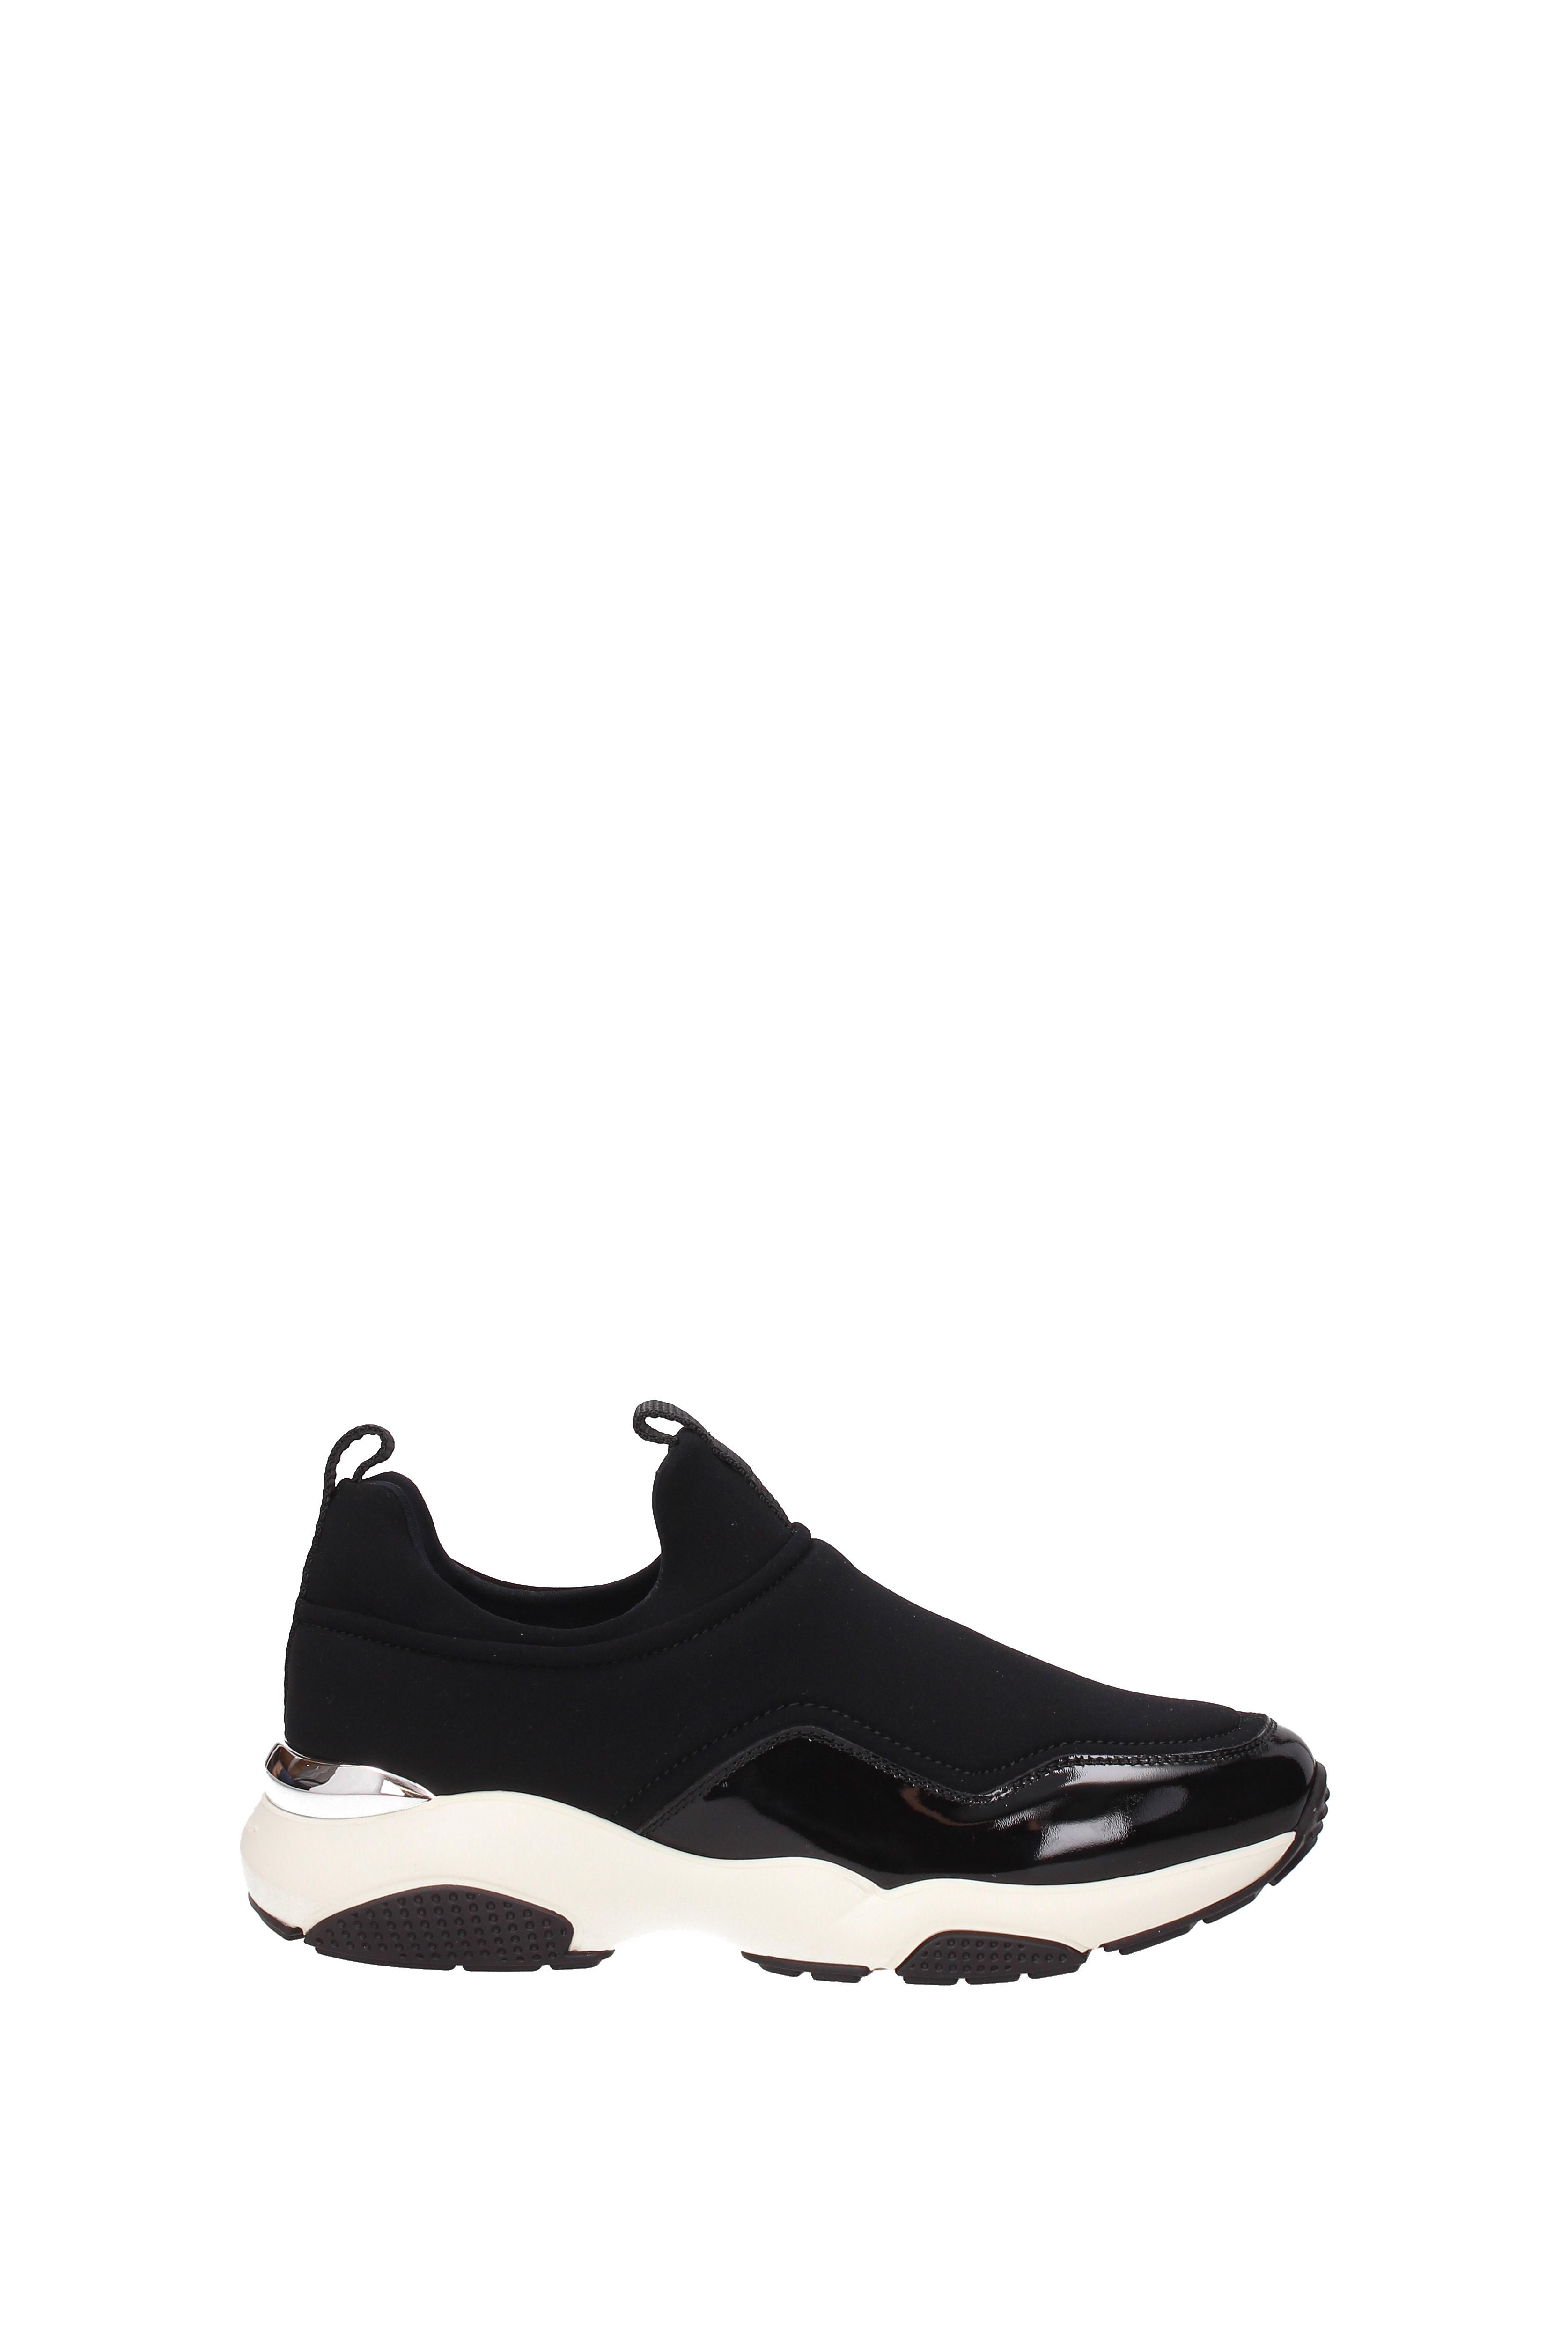 Sneakers-Salvatore-Ferragamo-giolly-1-Women-Fabric-GIOLLY1063690